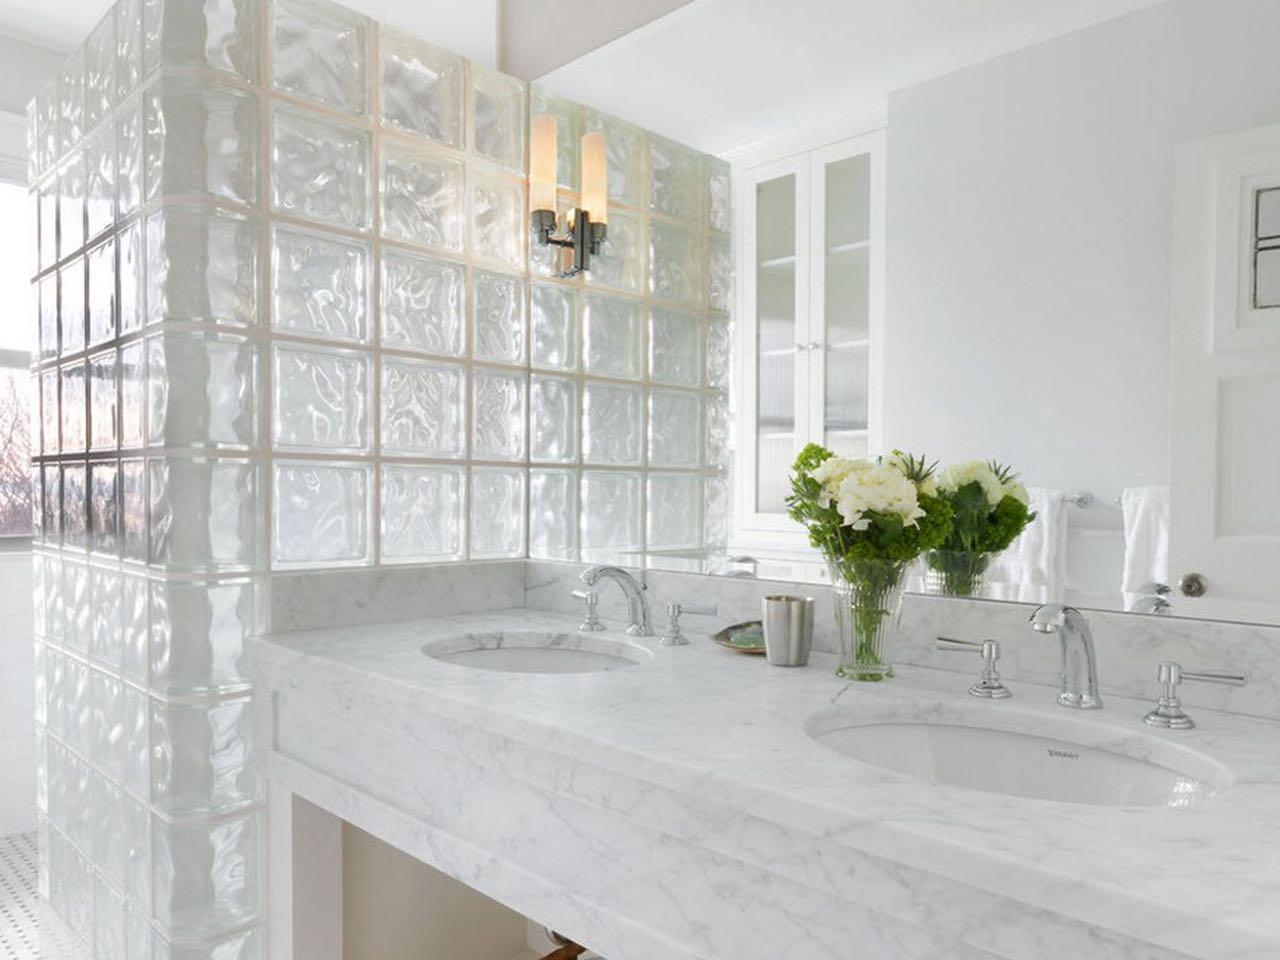 Установка гипсовой перегородки между ванной и кухней - Утро 71